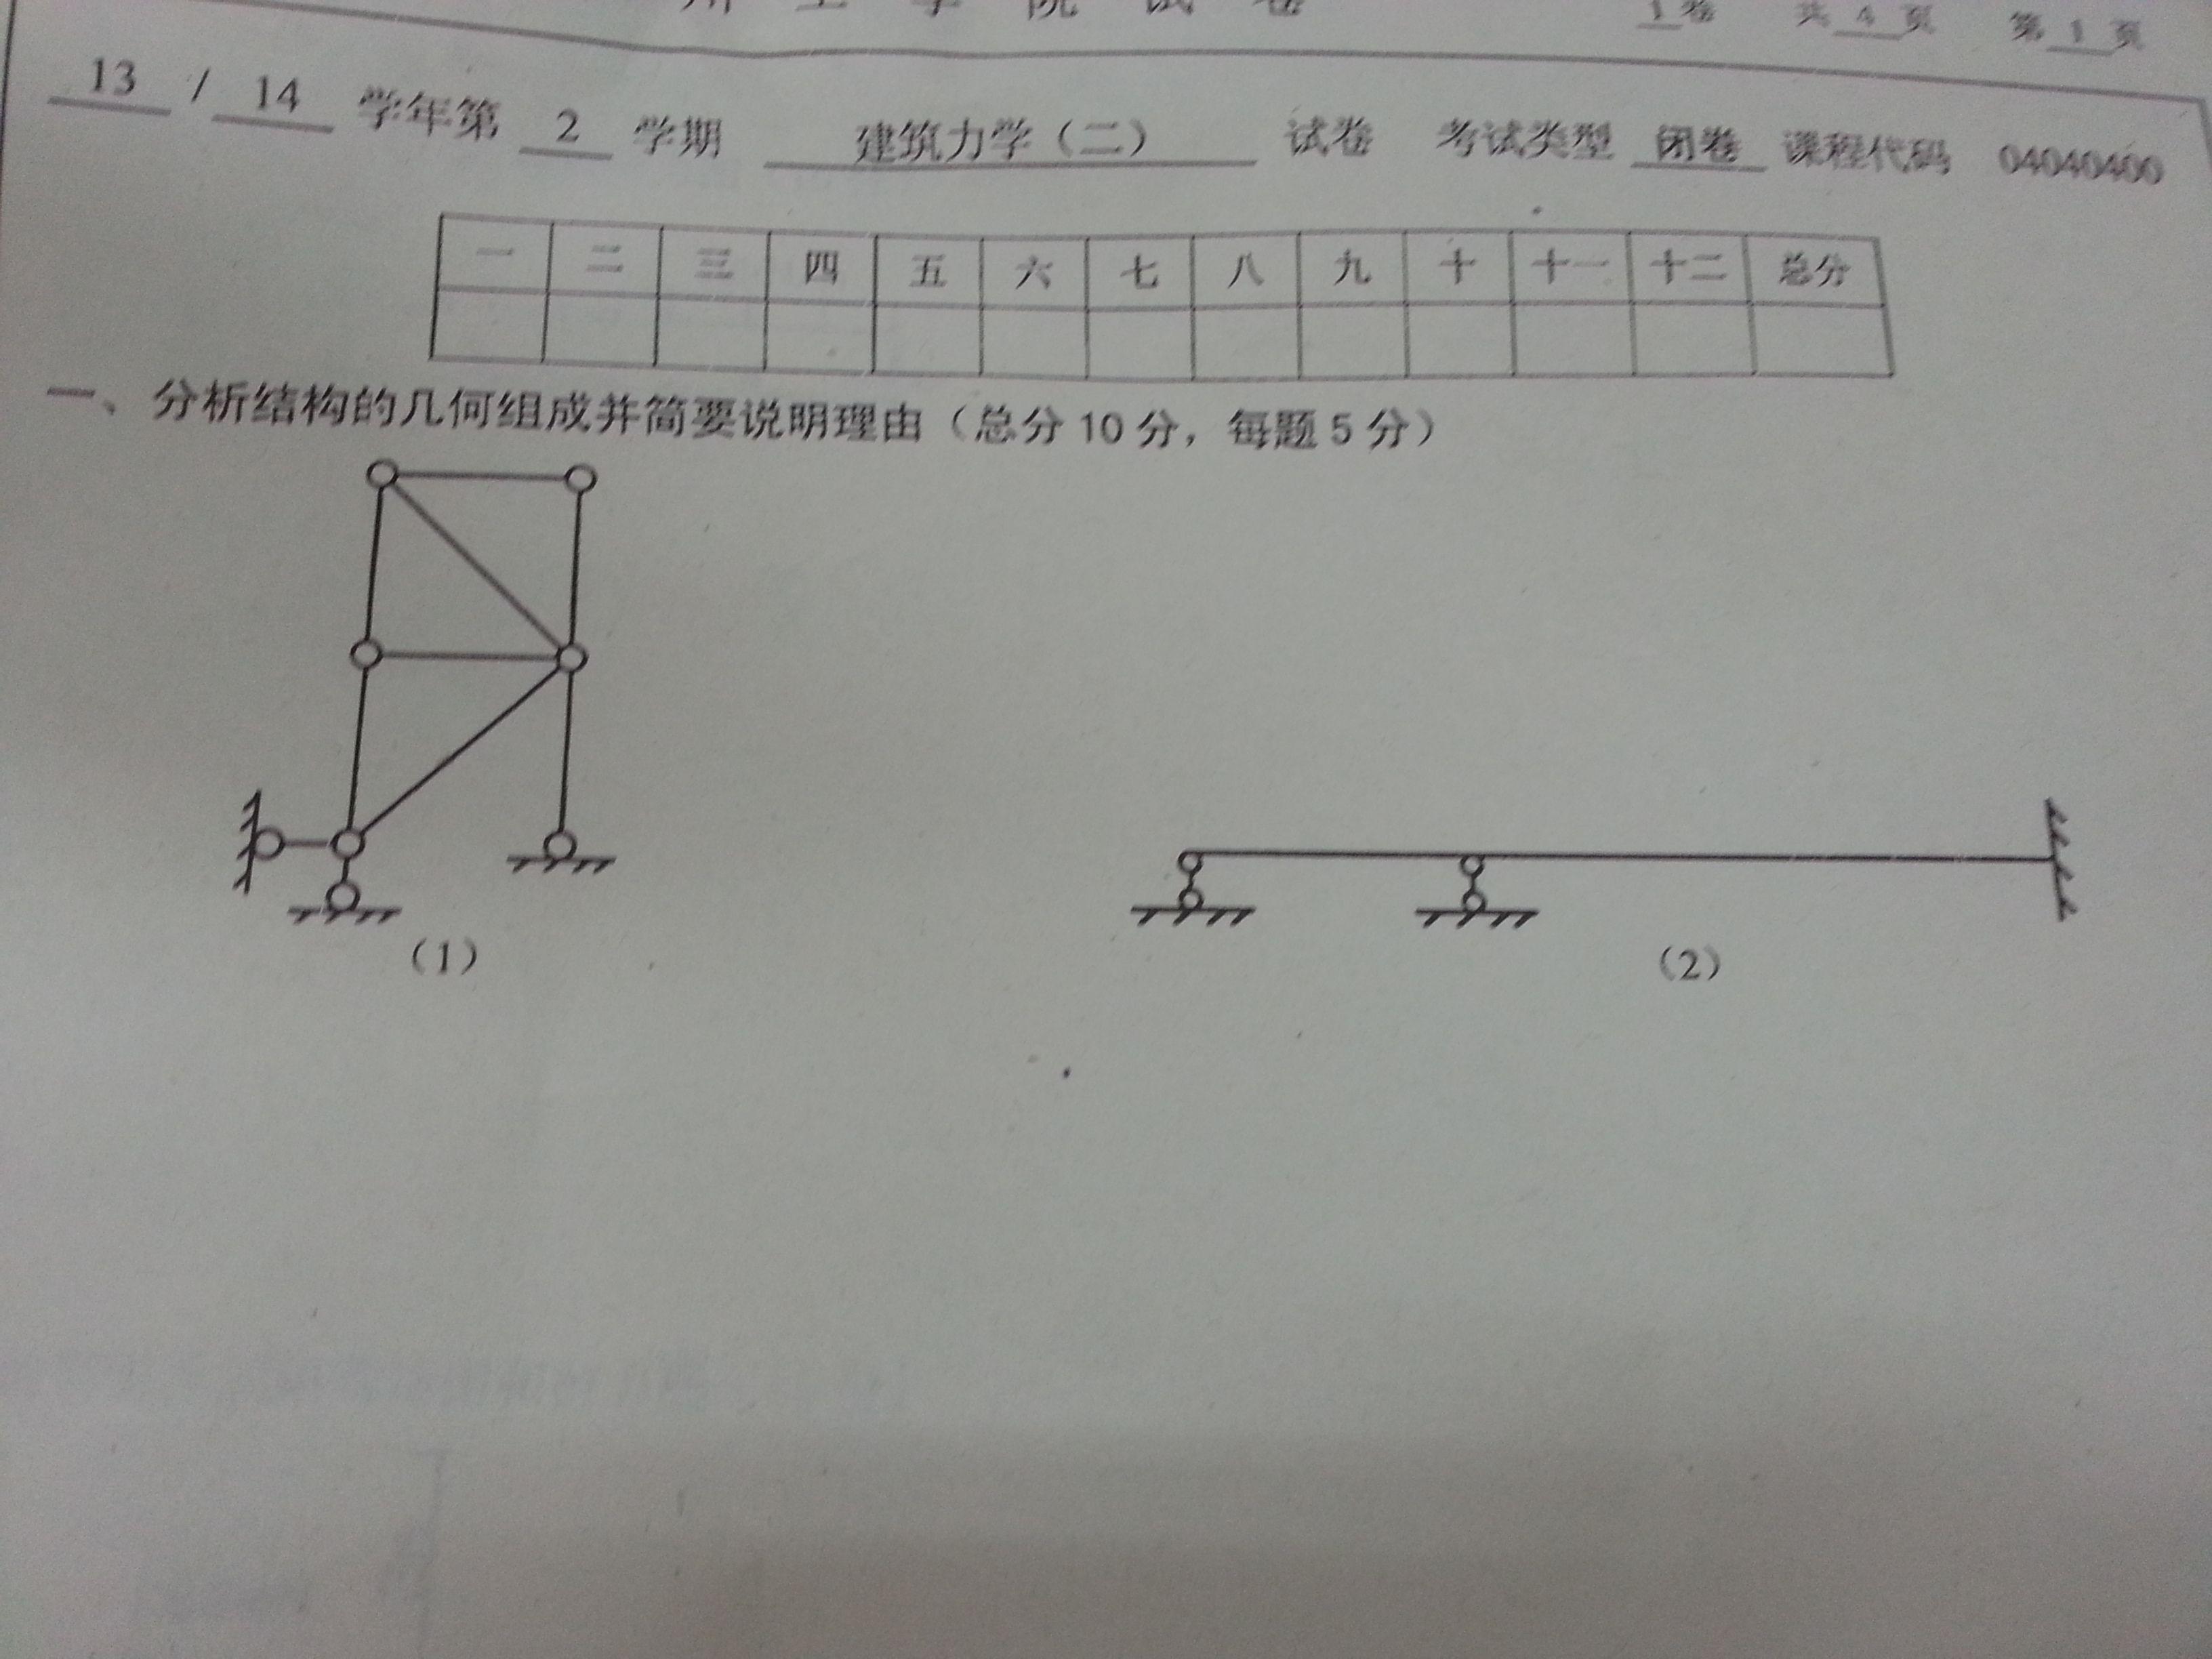 第二个,没有两个滑动支座为静定,有了就是二次超静定   本回答由提问